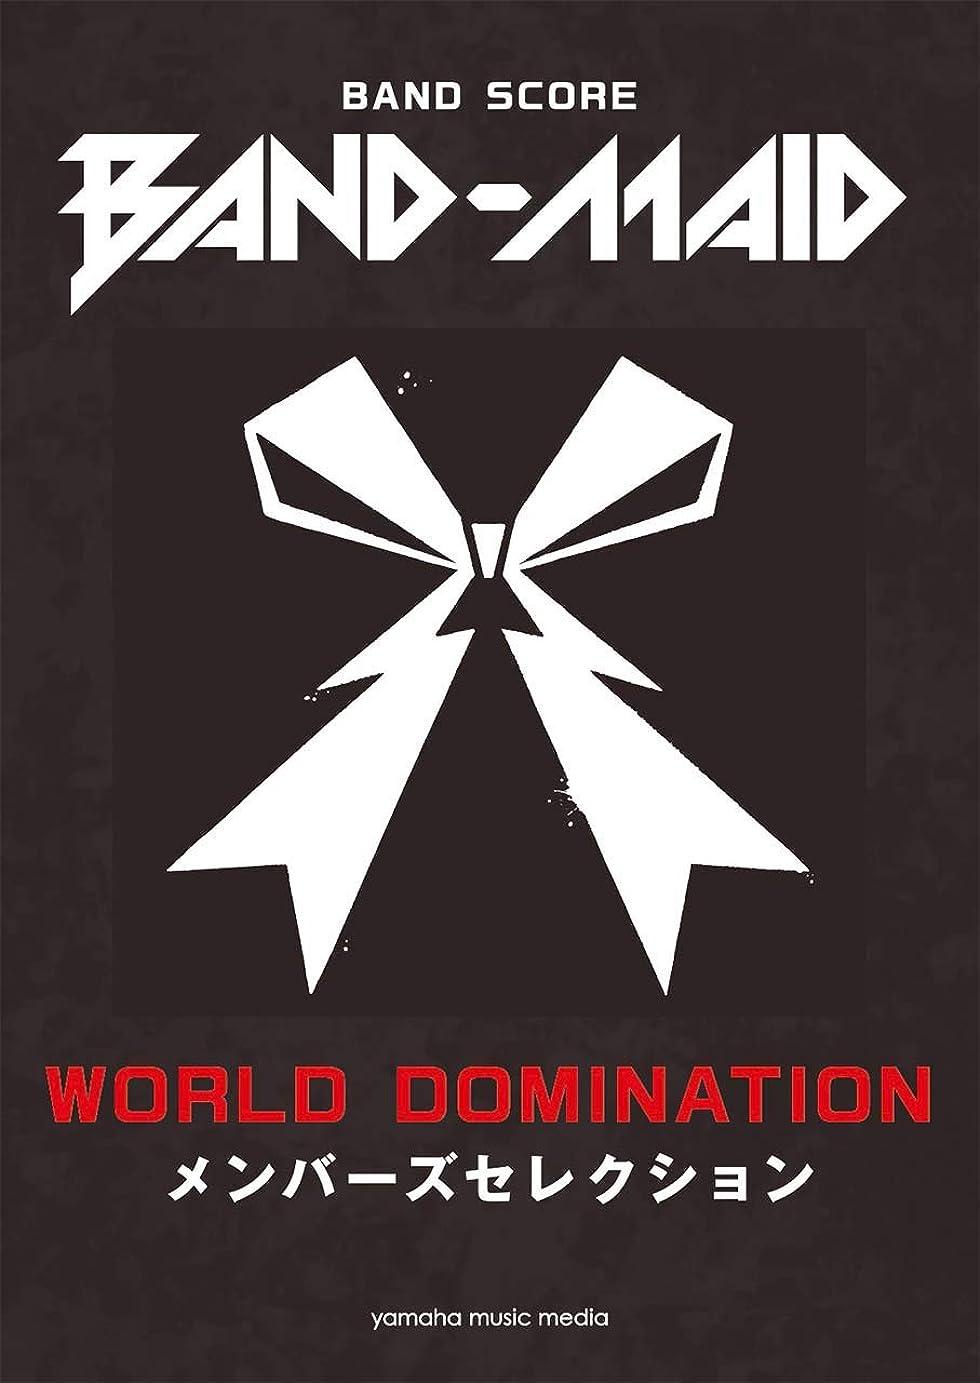 真空気性ぴかぴかバンドスコア BAND-MAID『WORLD DOMINATION』メンバーズセレクション